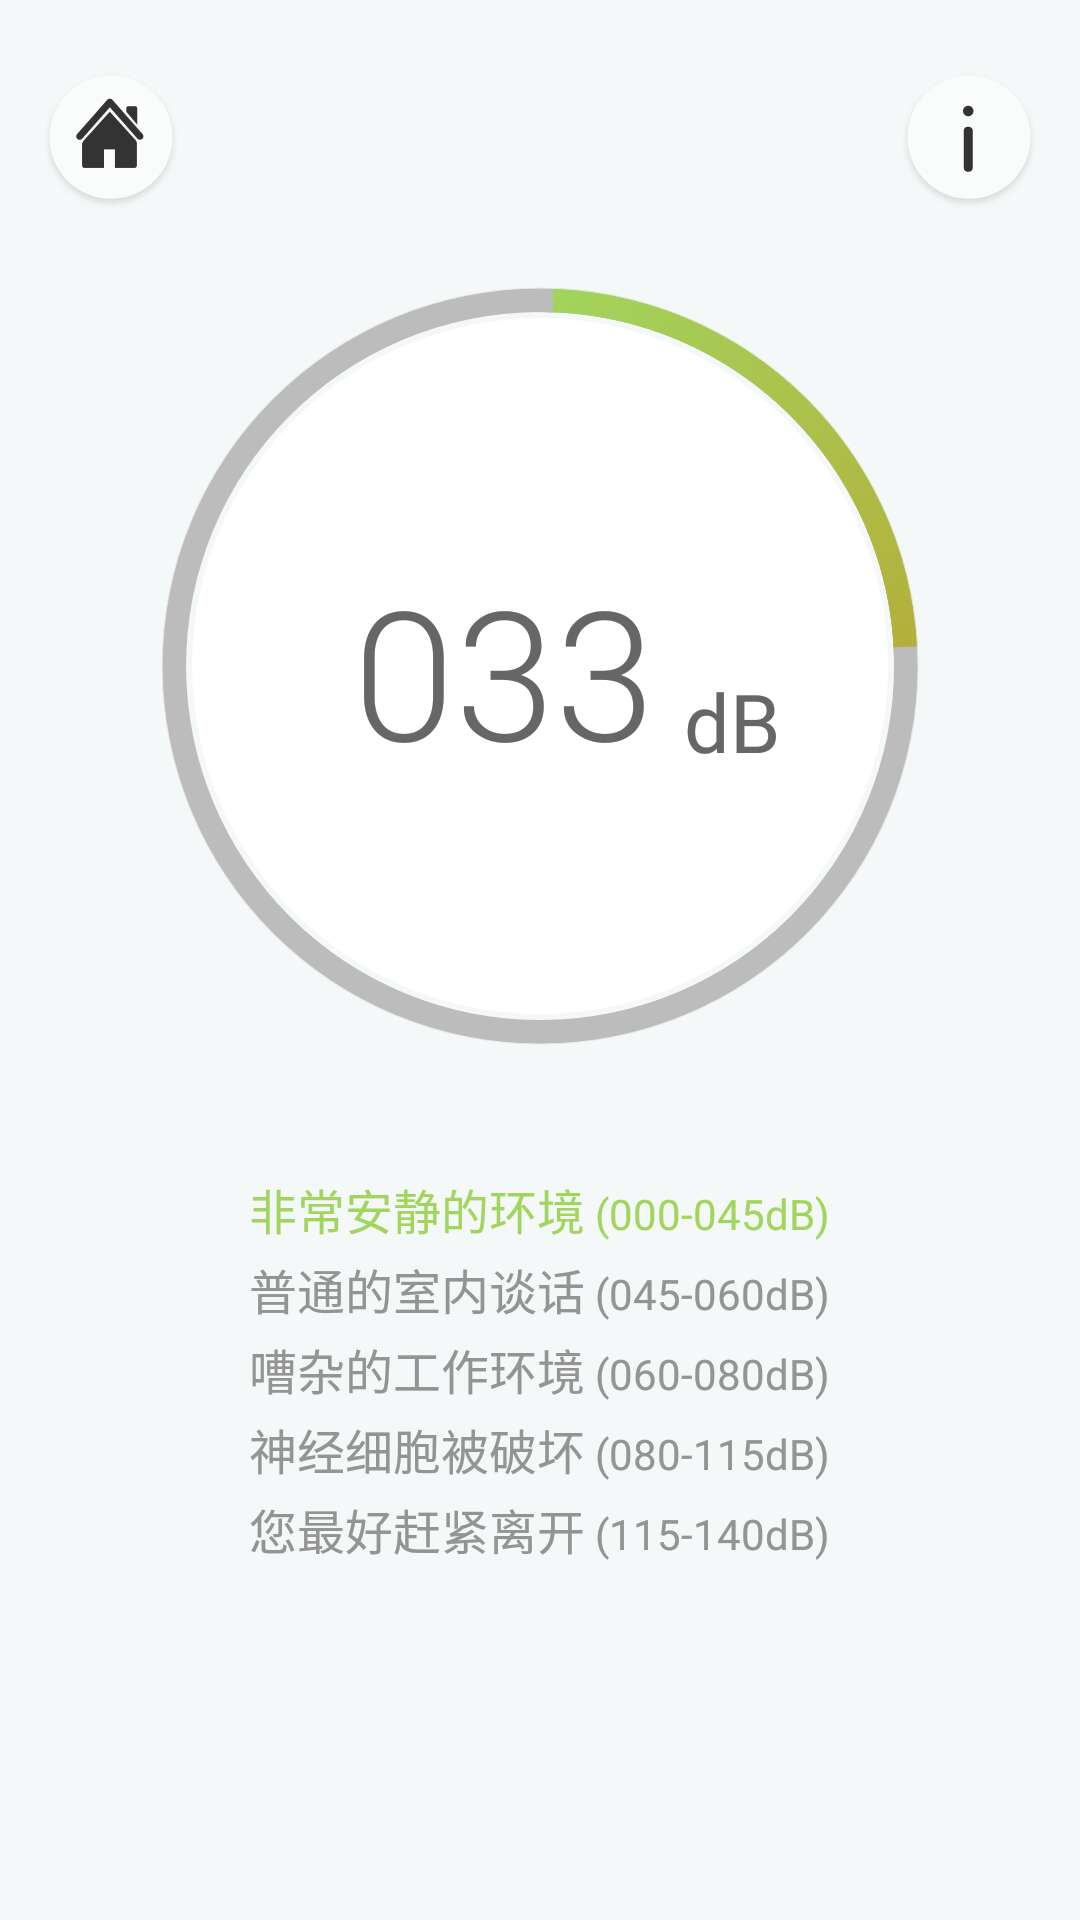 星际蜗牛C款i211网卡服务器(第二篇)改造风扇篇 互联网IT 第17张